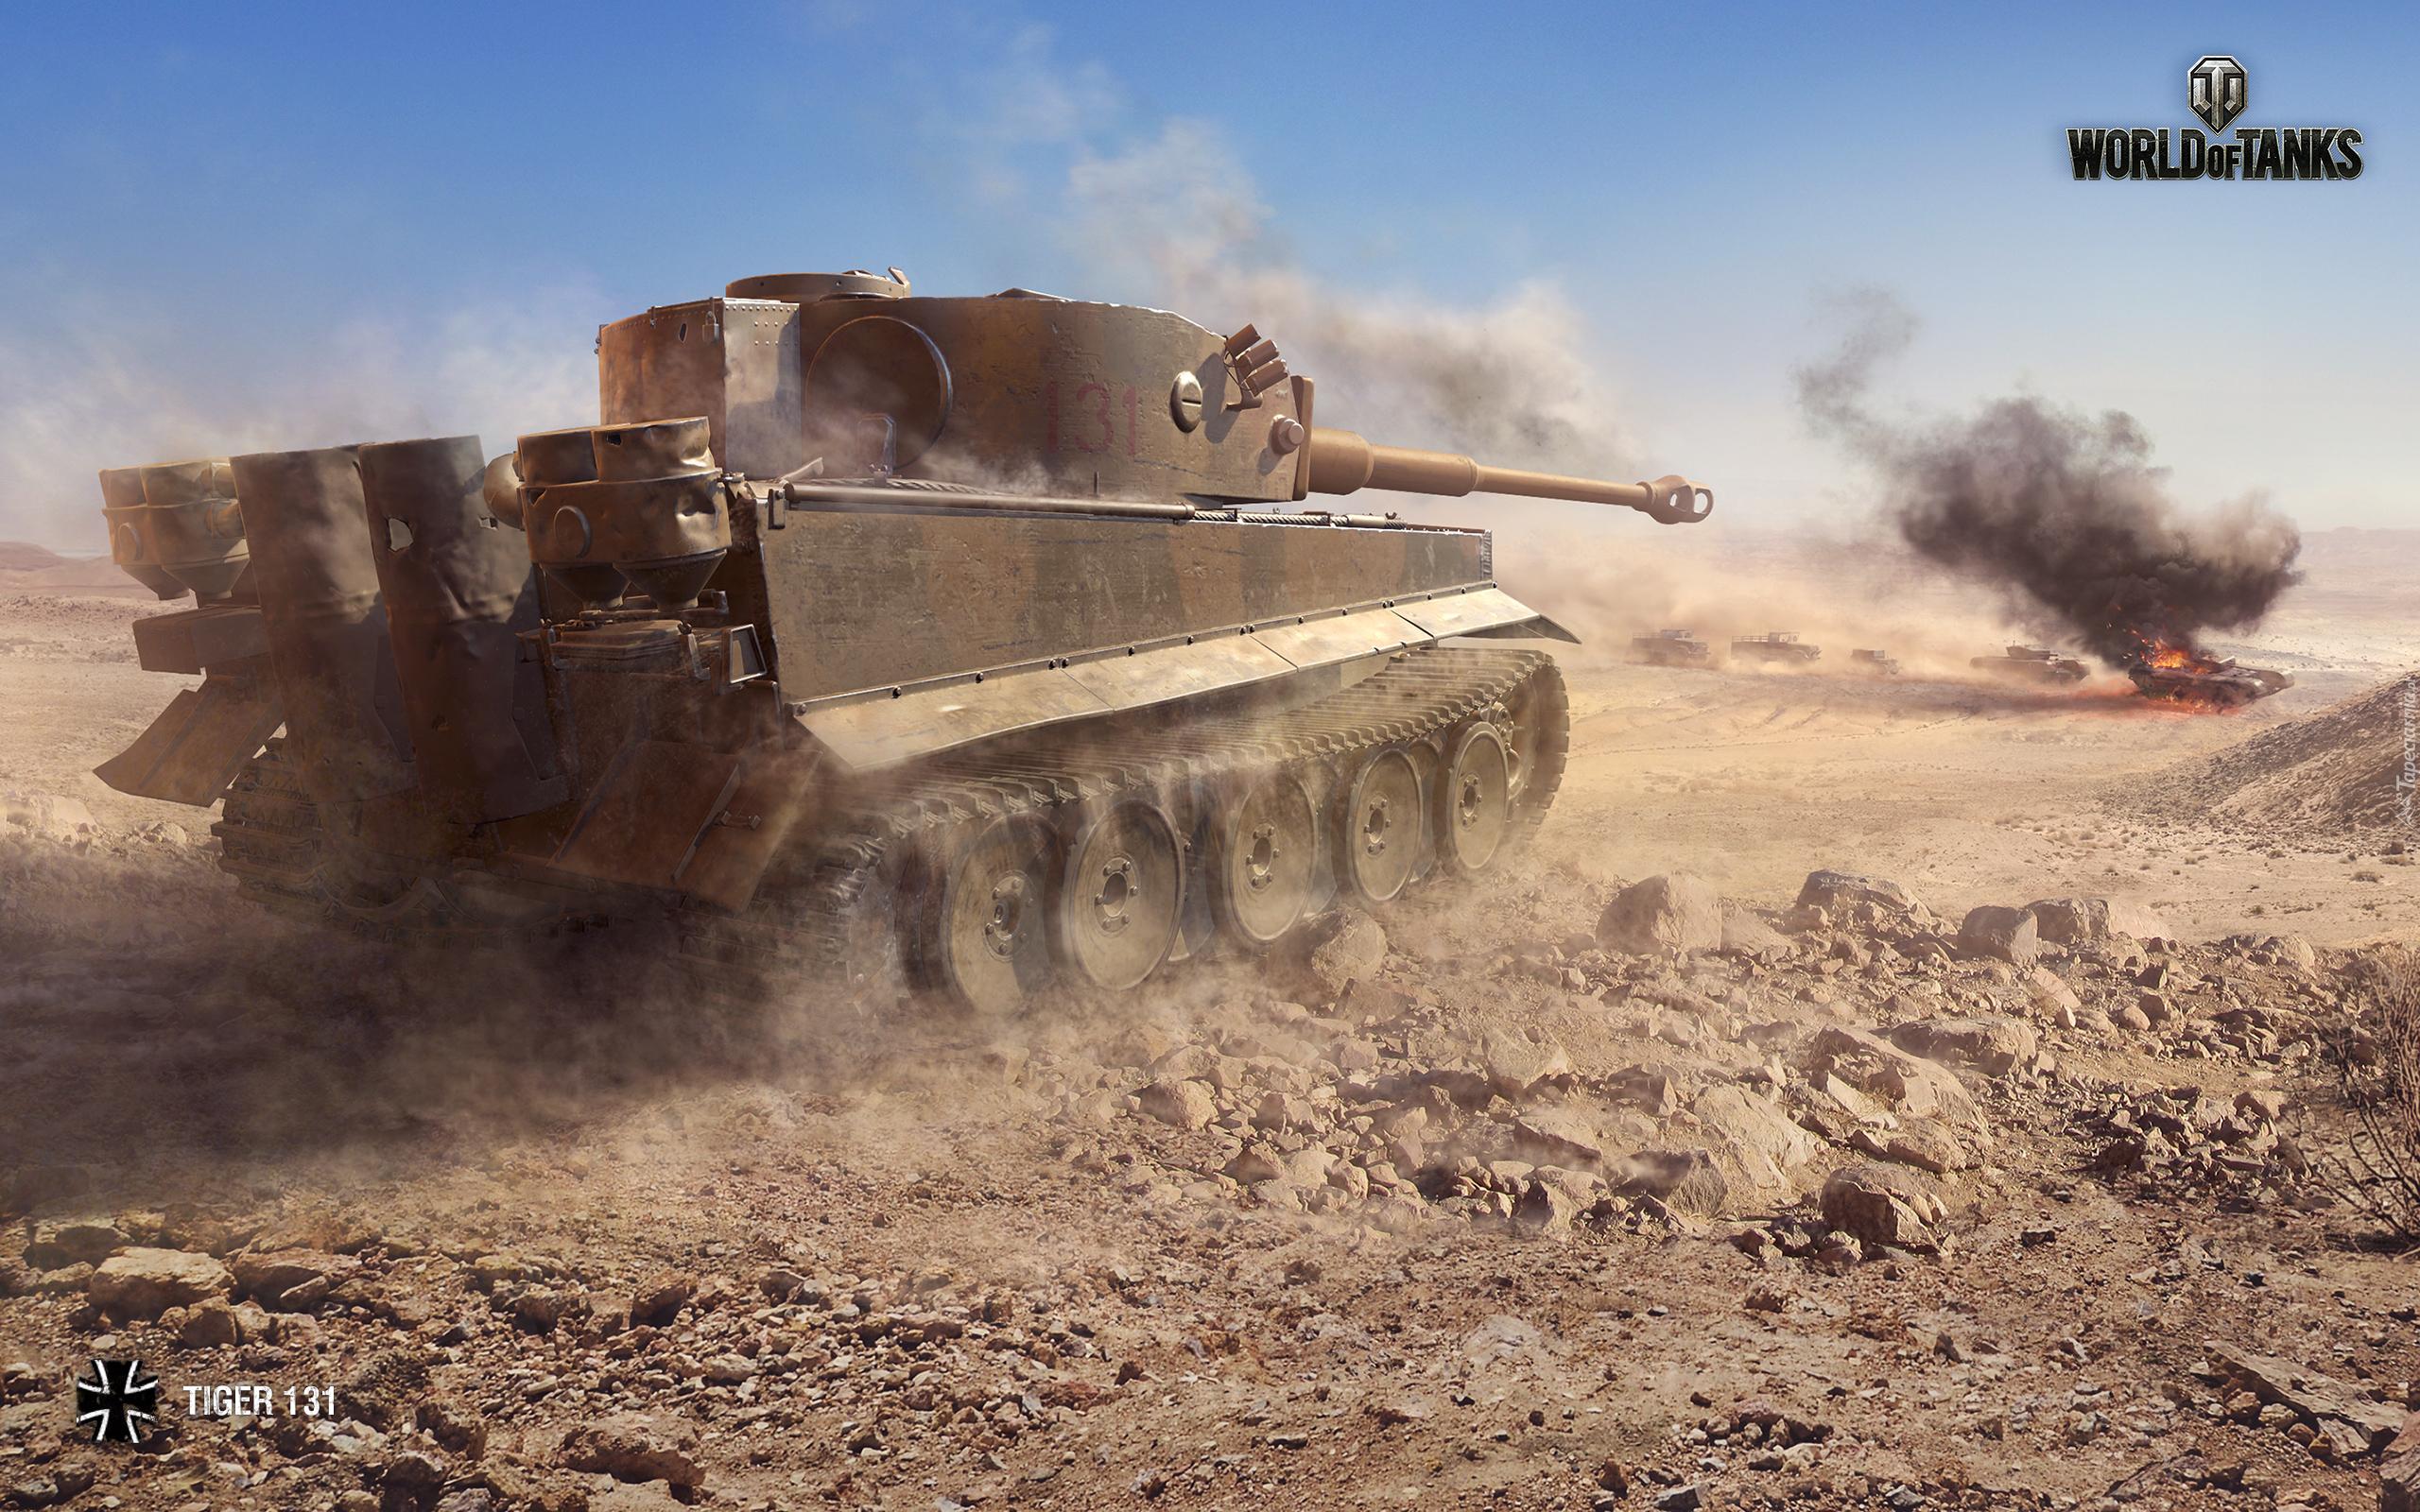 W.tiger World Of Tanks Czołg Tiger 131 w grz...